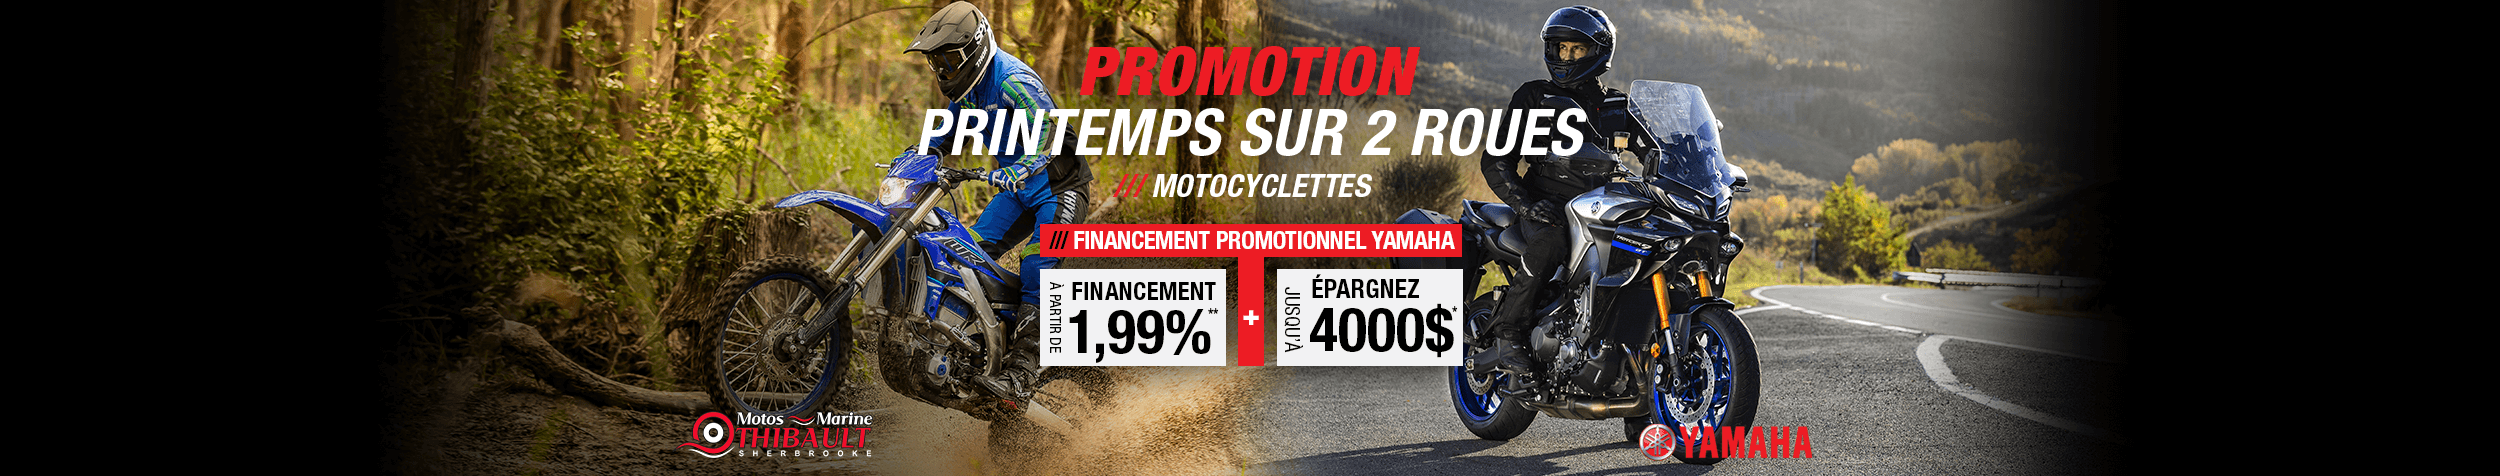 Yamaha – Printemps sur 2 roues